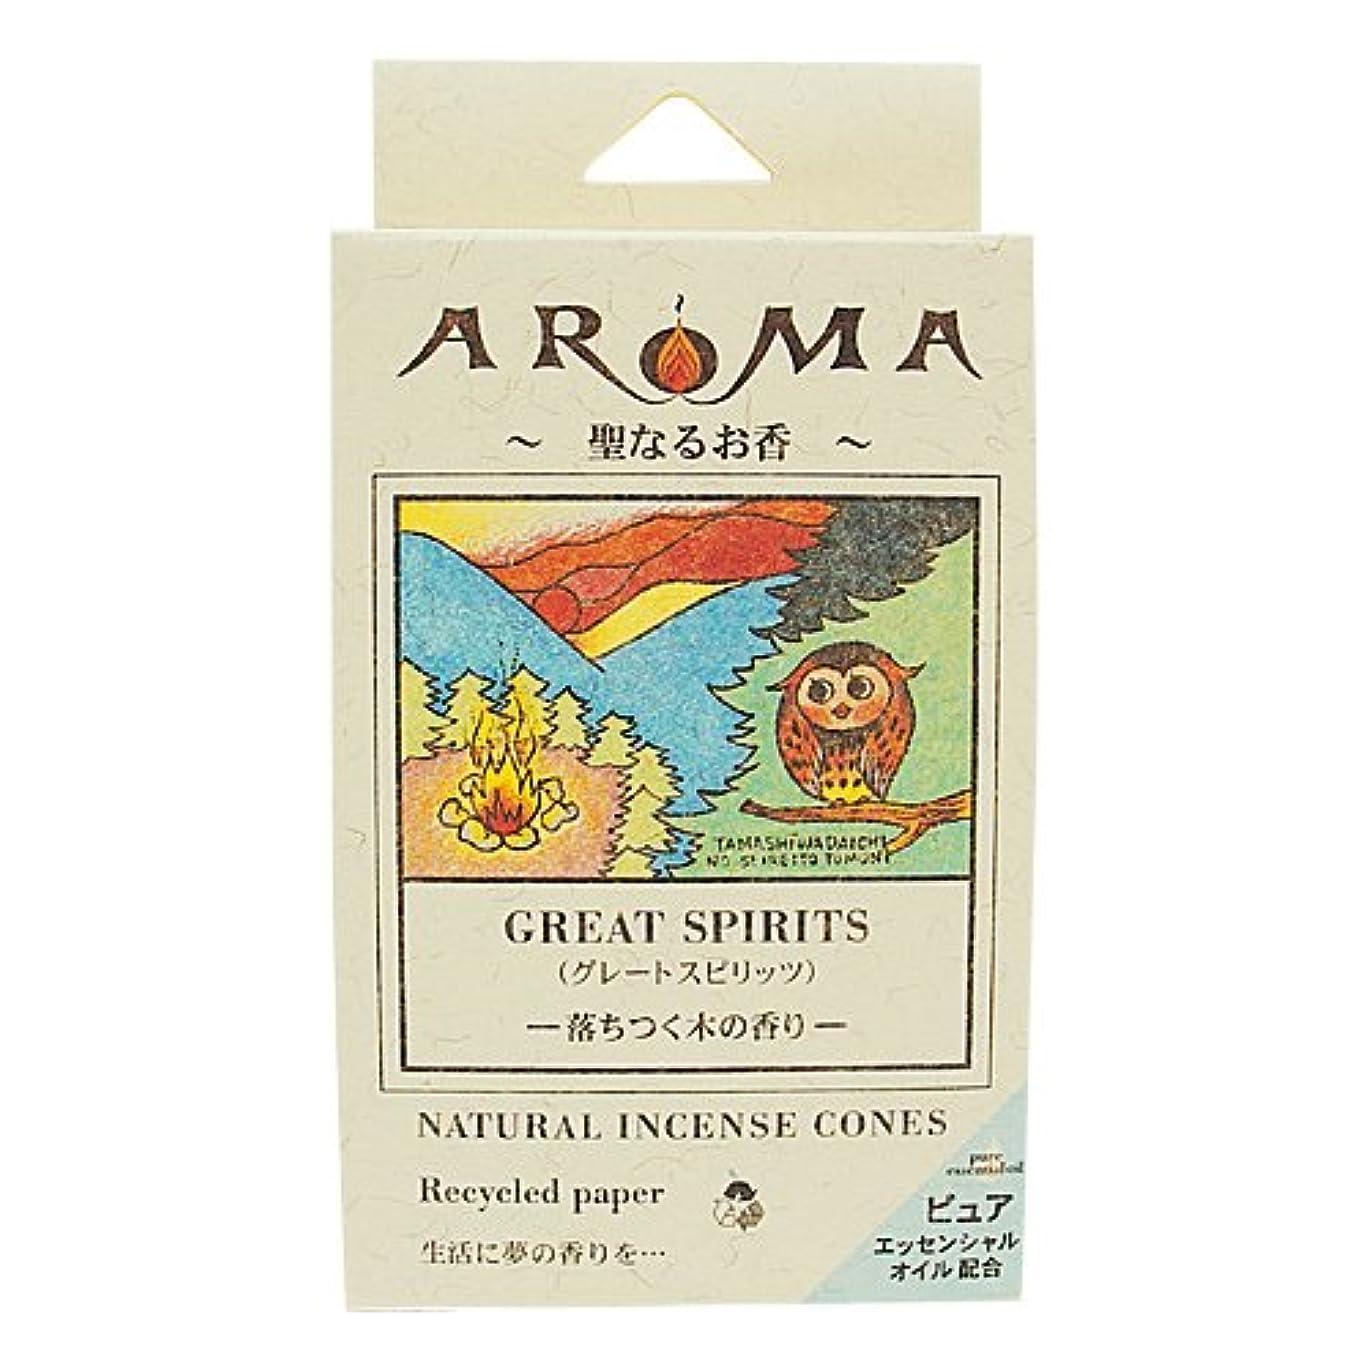 合図レタス無視するアロマ香 グレートスピリット 16粒(コーンタイプインセンス 1粒の燃焼時間約20分 落ち着く木の香り)